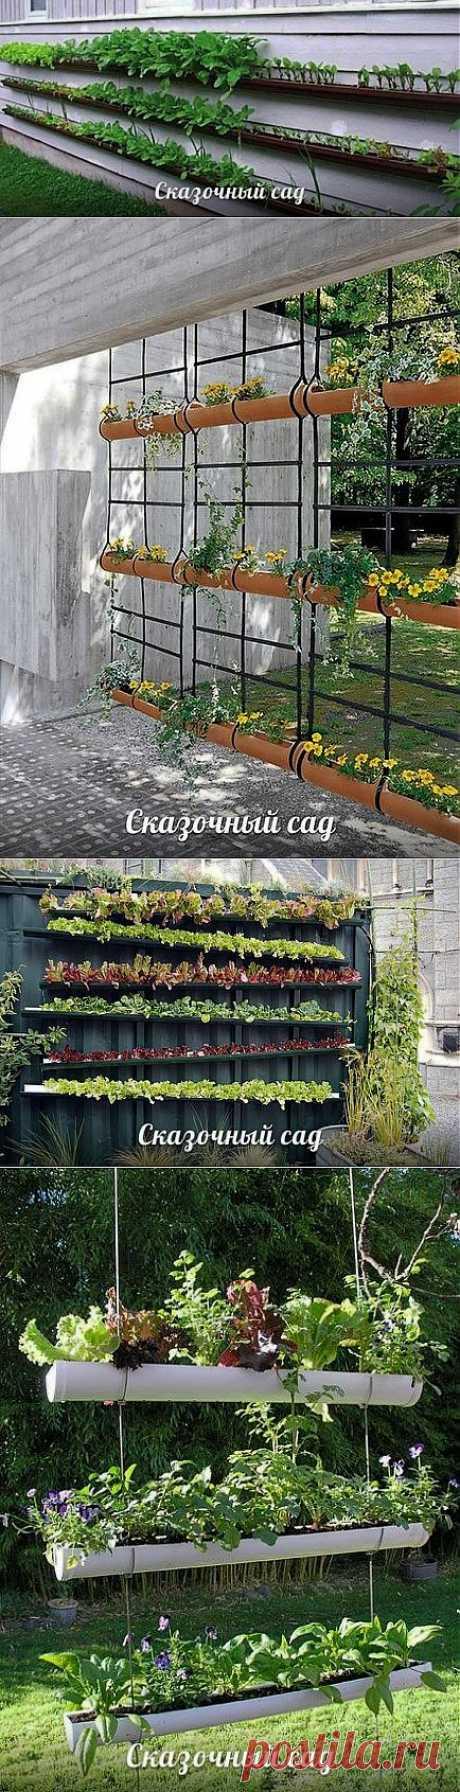 нашла еще идею / Сад и огород / PassionForum - мастер-классы по рукоделию